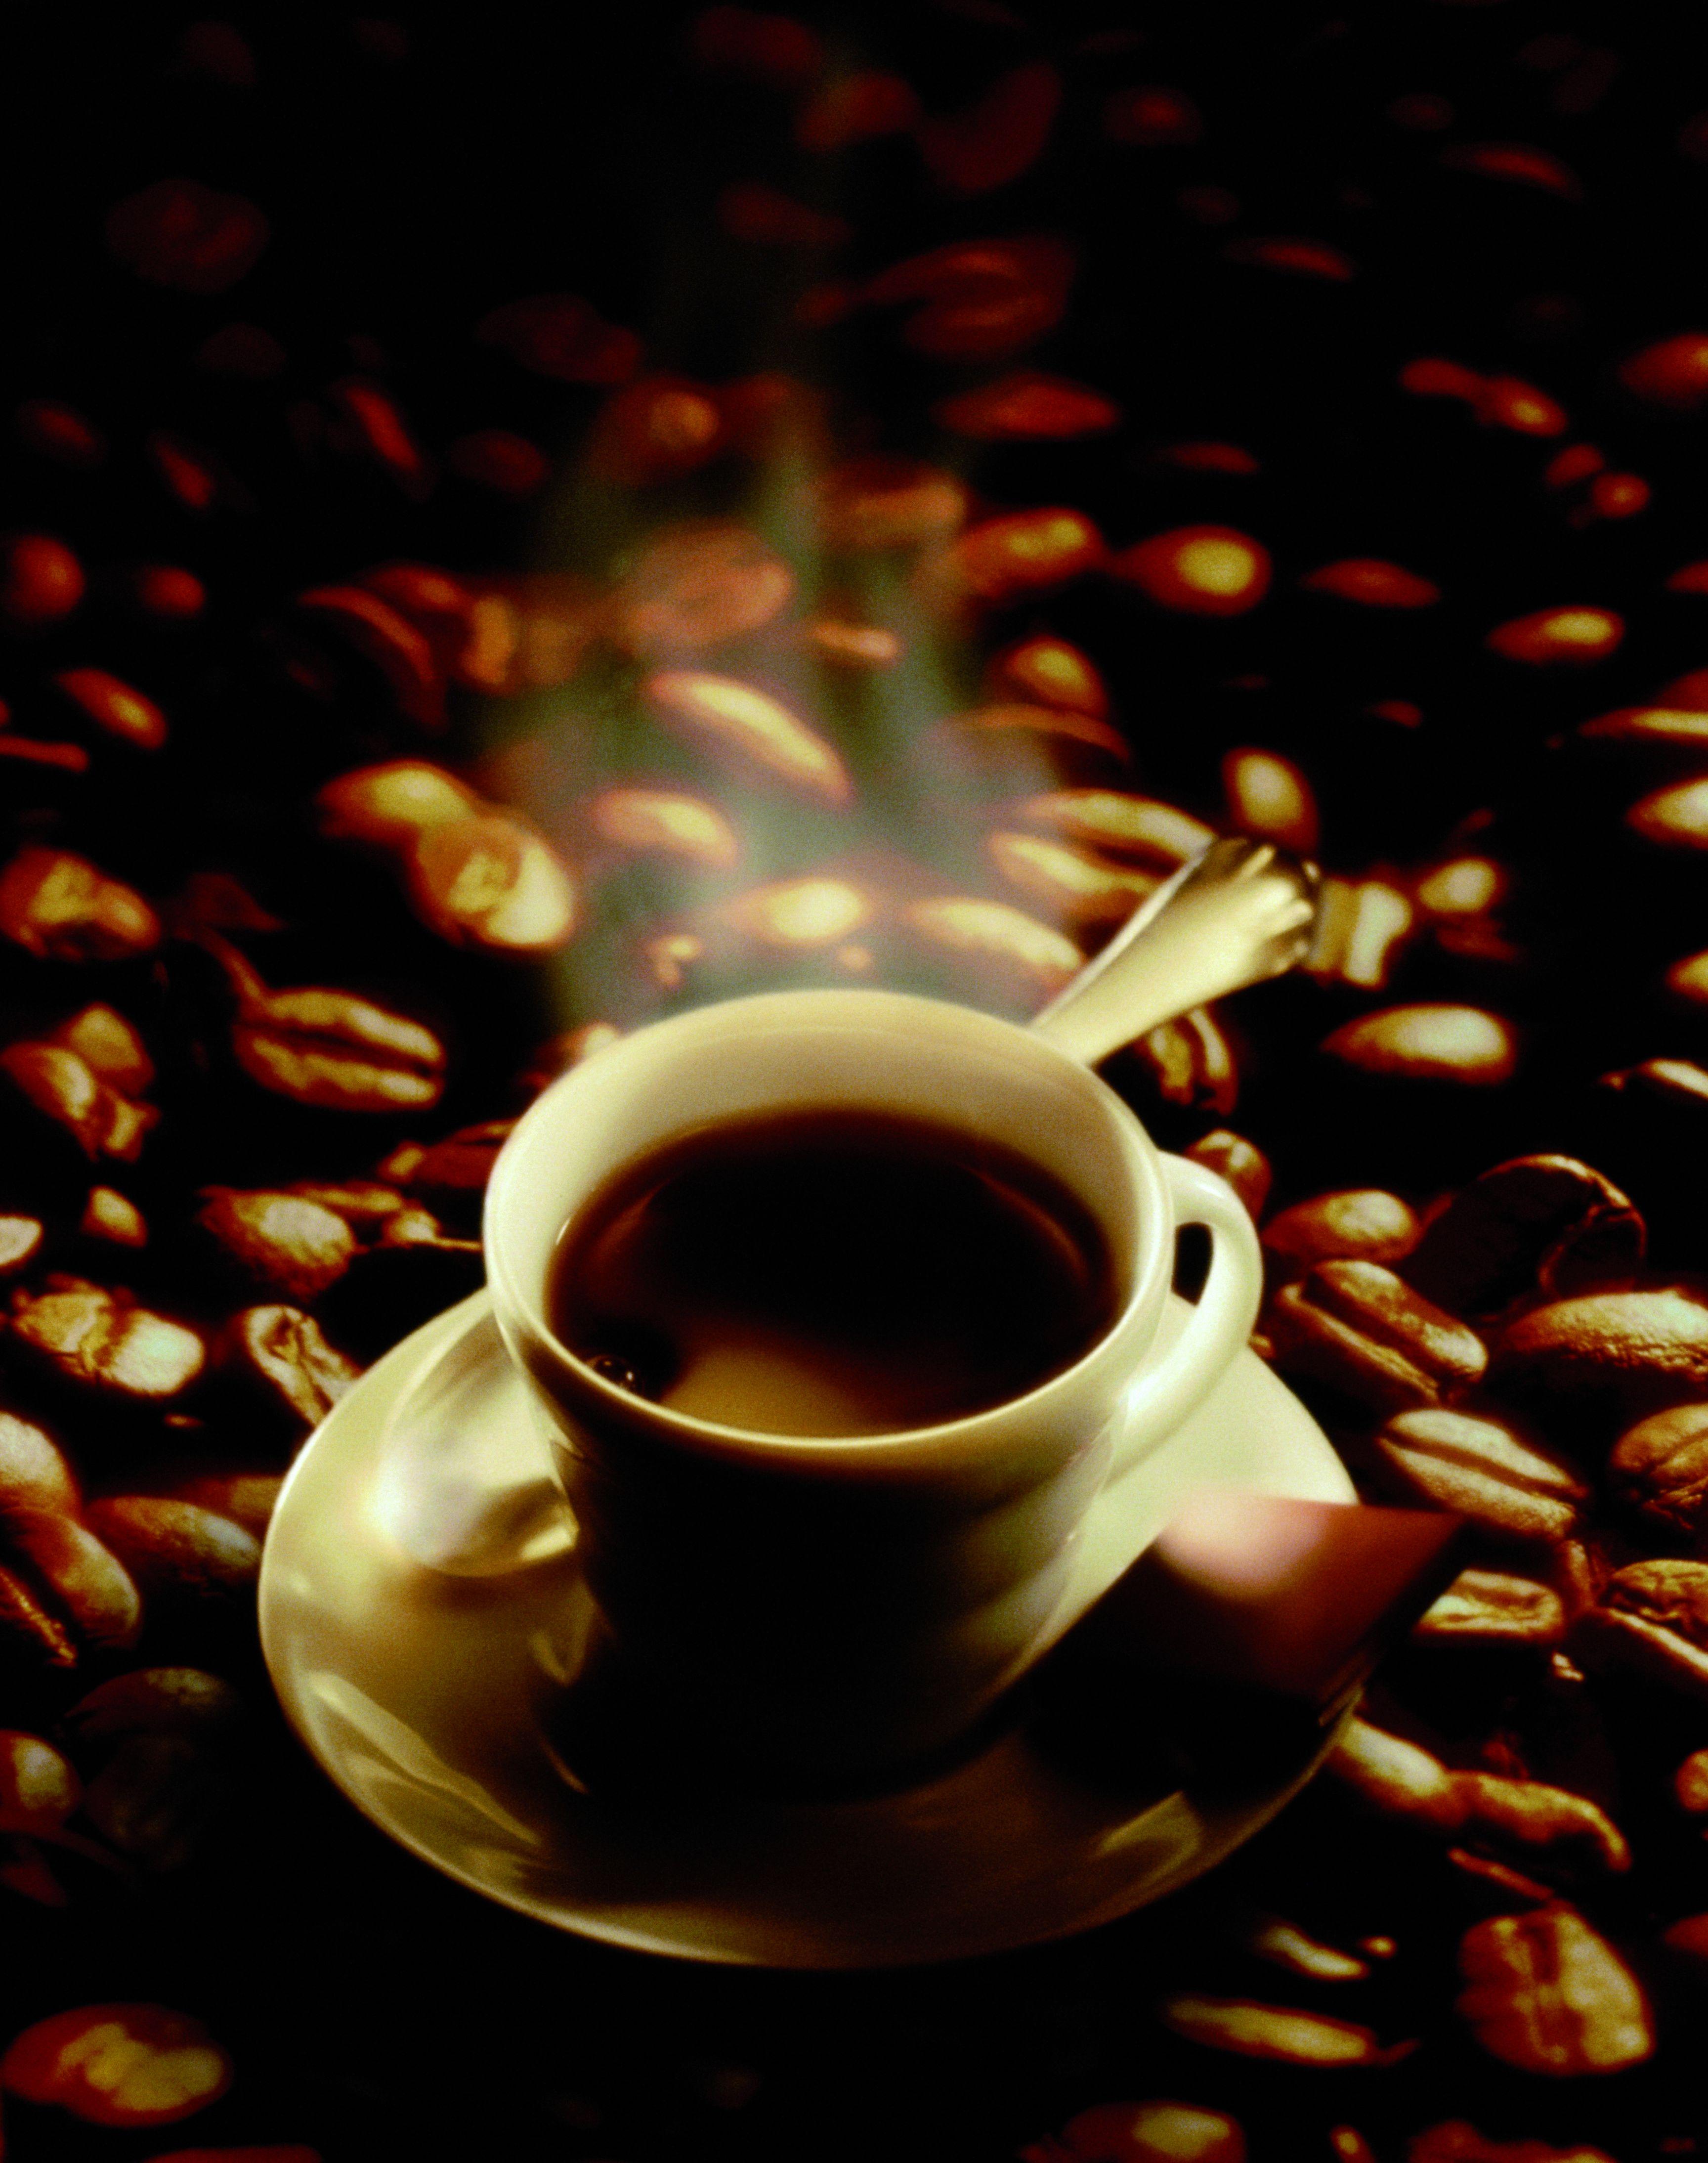 Спермы для кофе 23 фотография